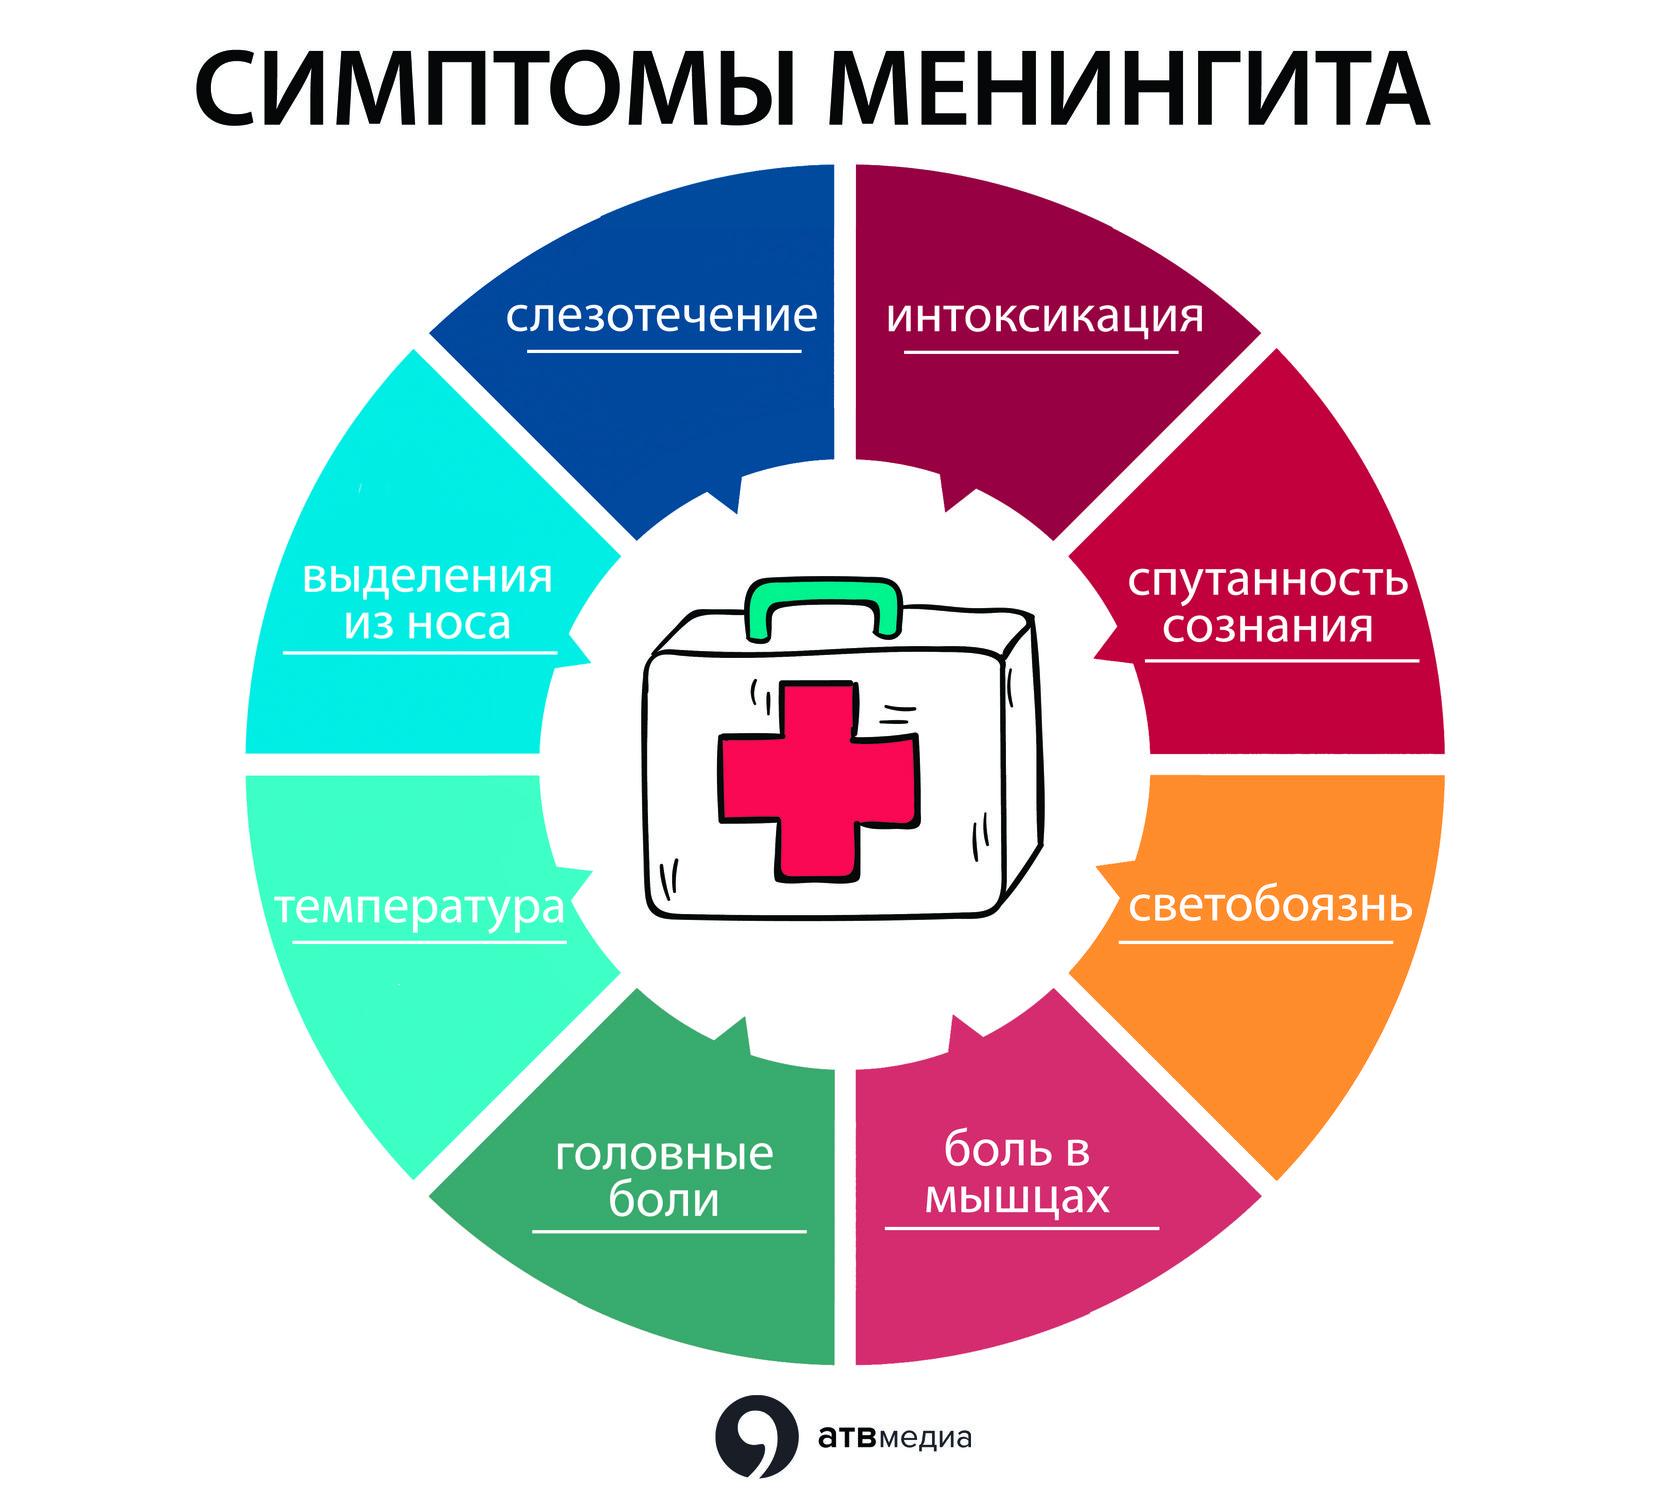 Менингит- причины, симптомы, методы лечения